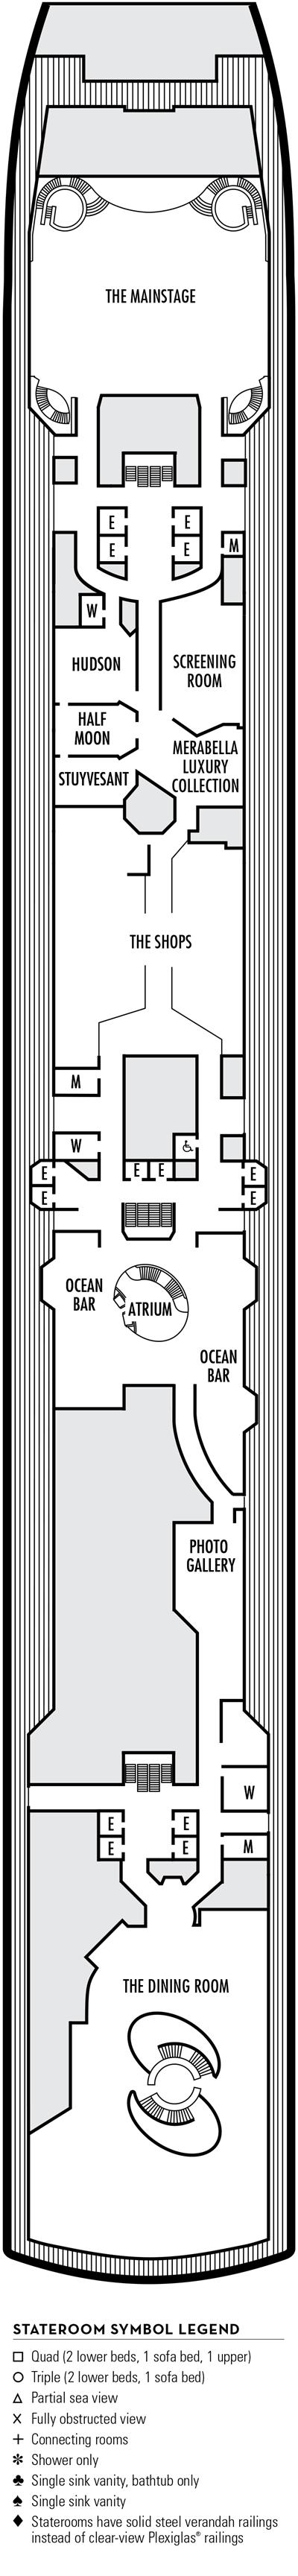 Deck 3 - HAL's Eurodam